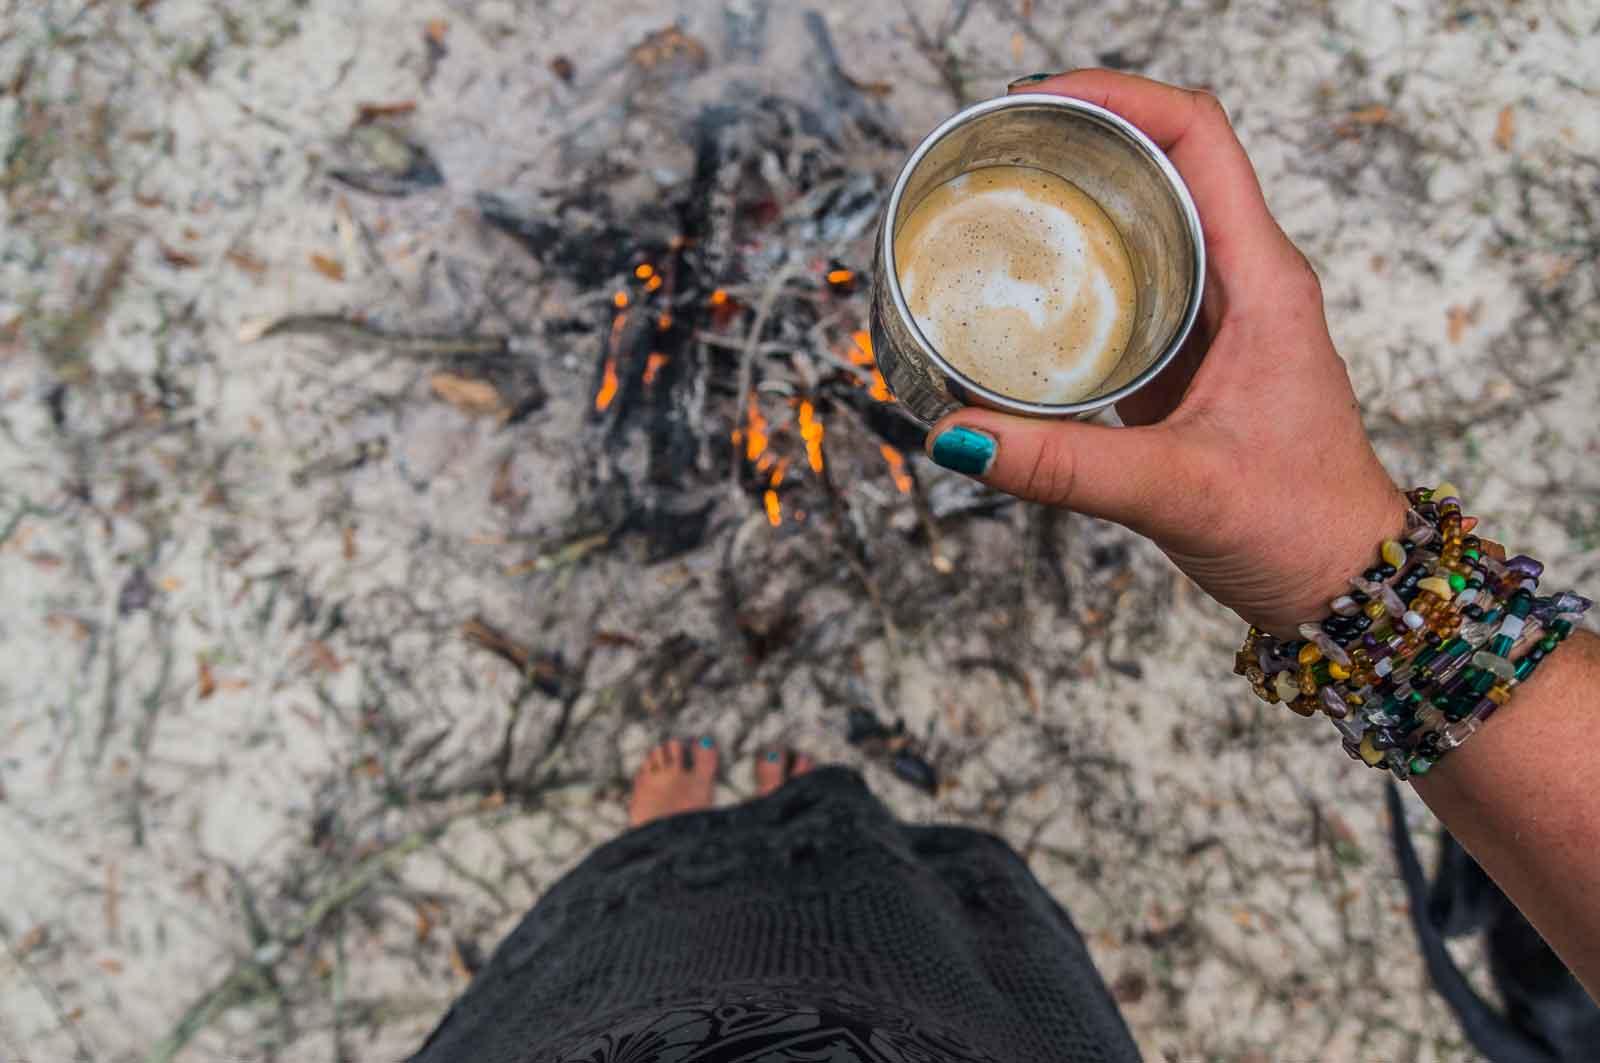 camp-coffee